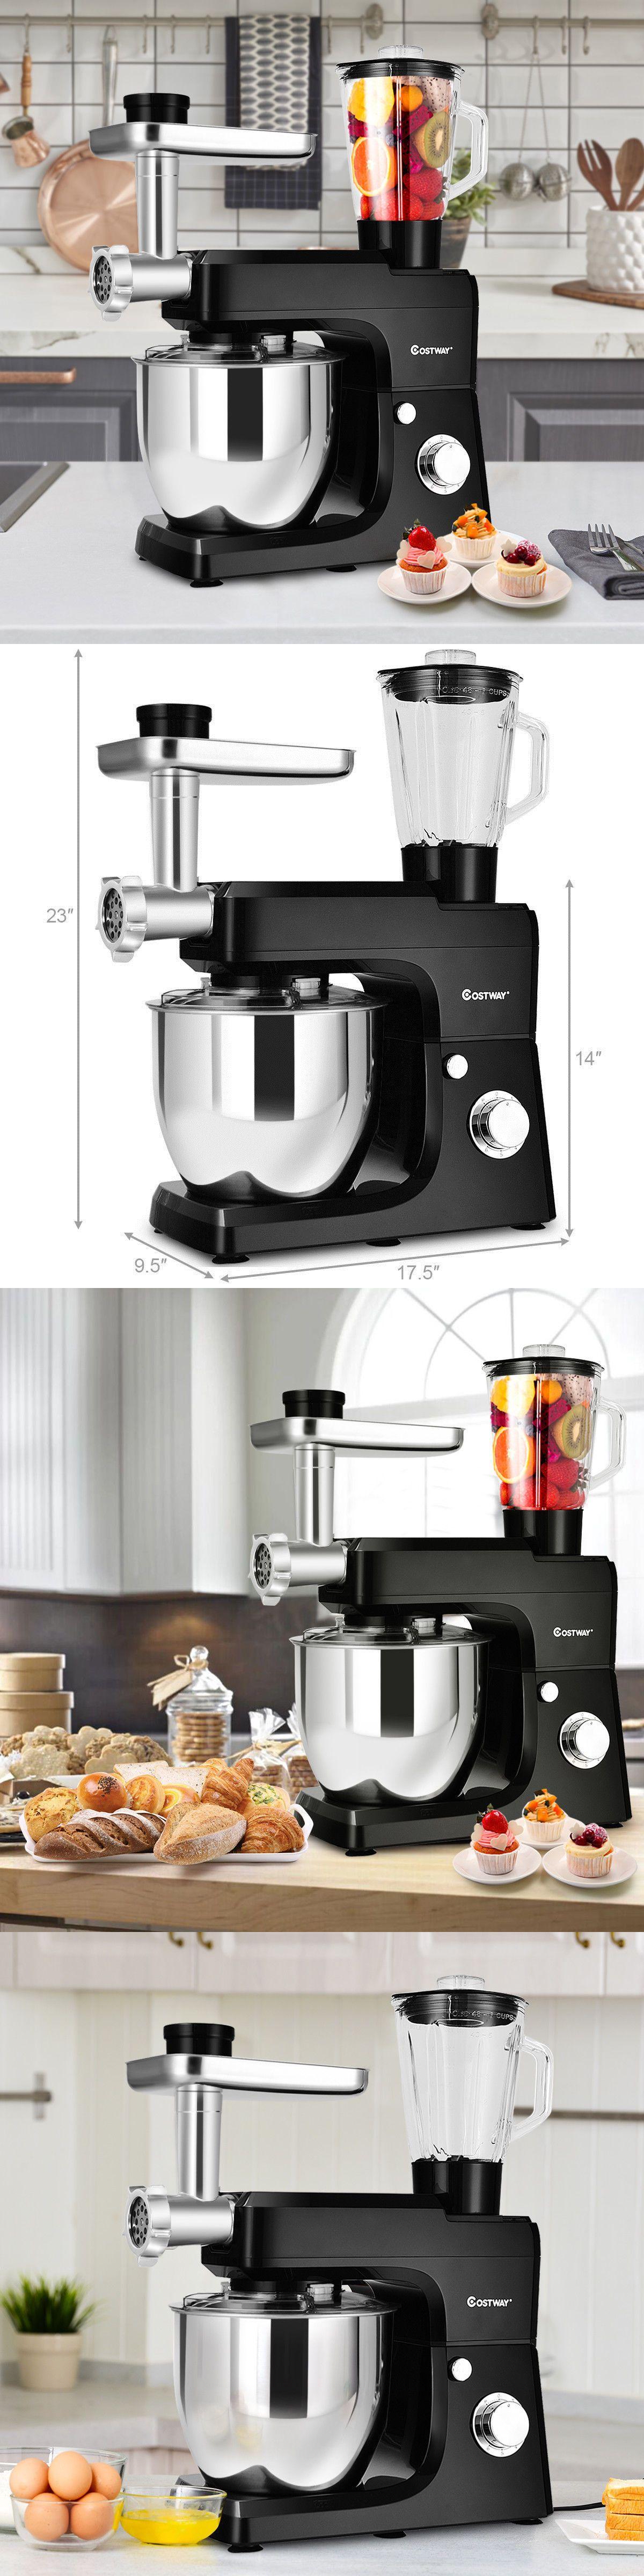 Countertop mixers 133701 multifunctional stand mixer